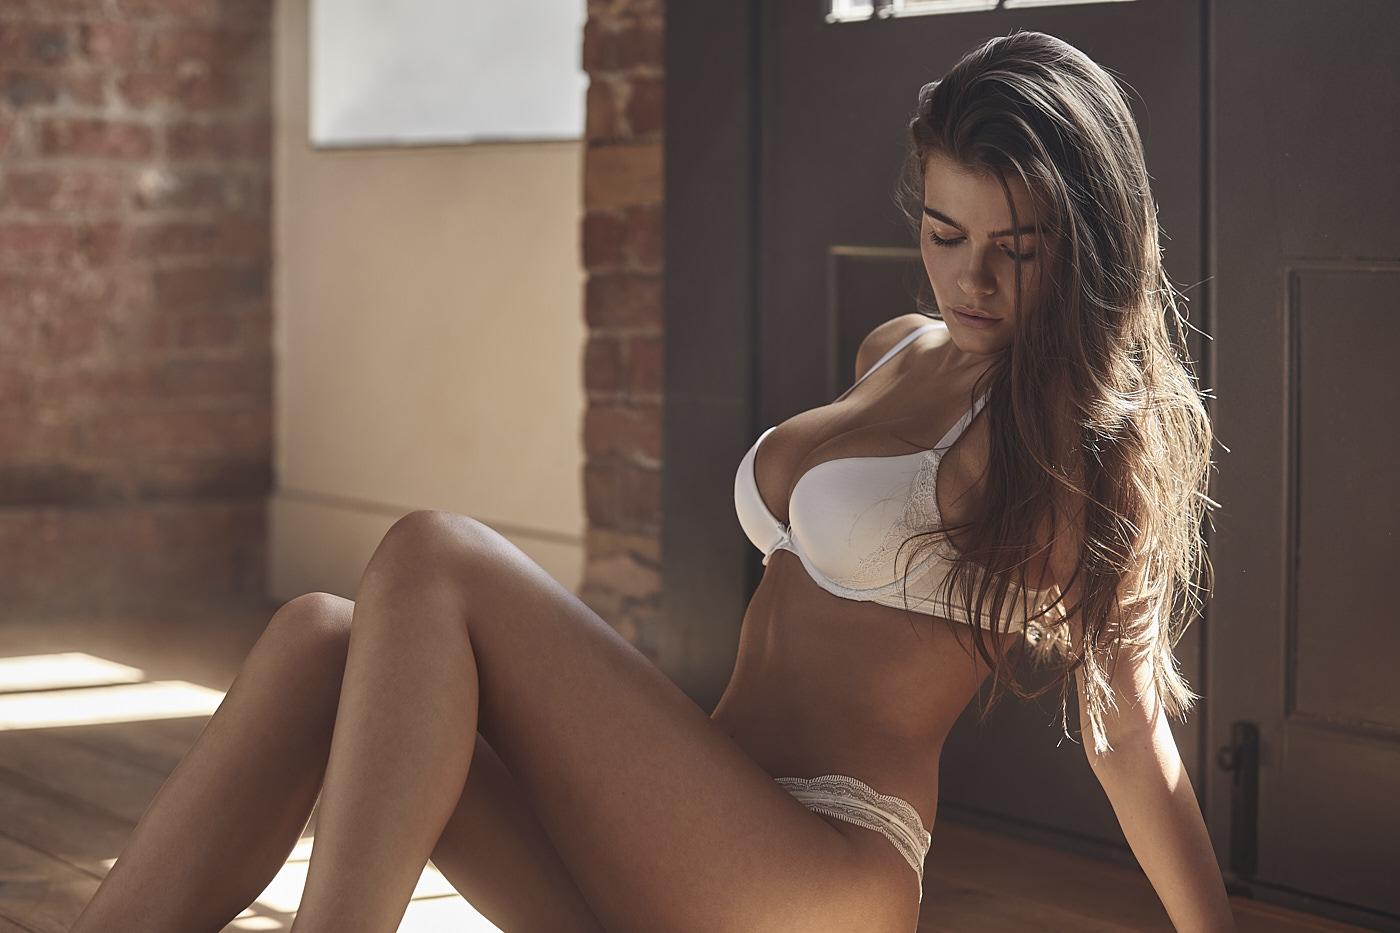 Lingerie Model Photoshoot